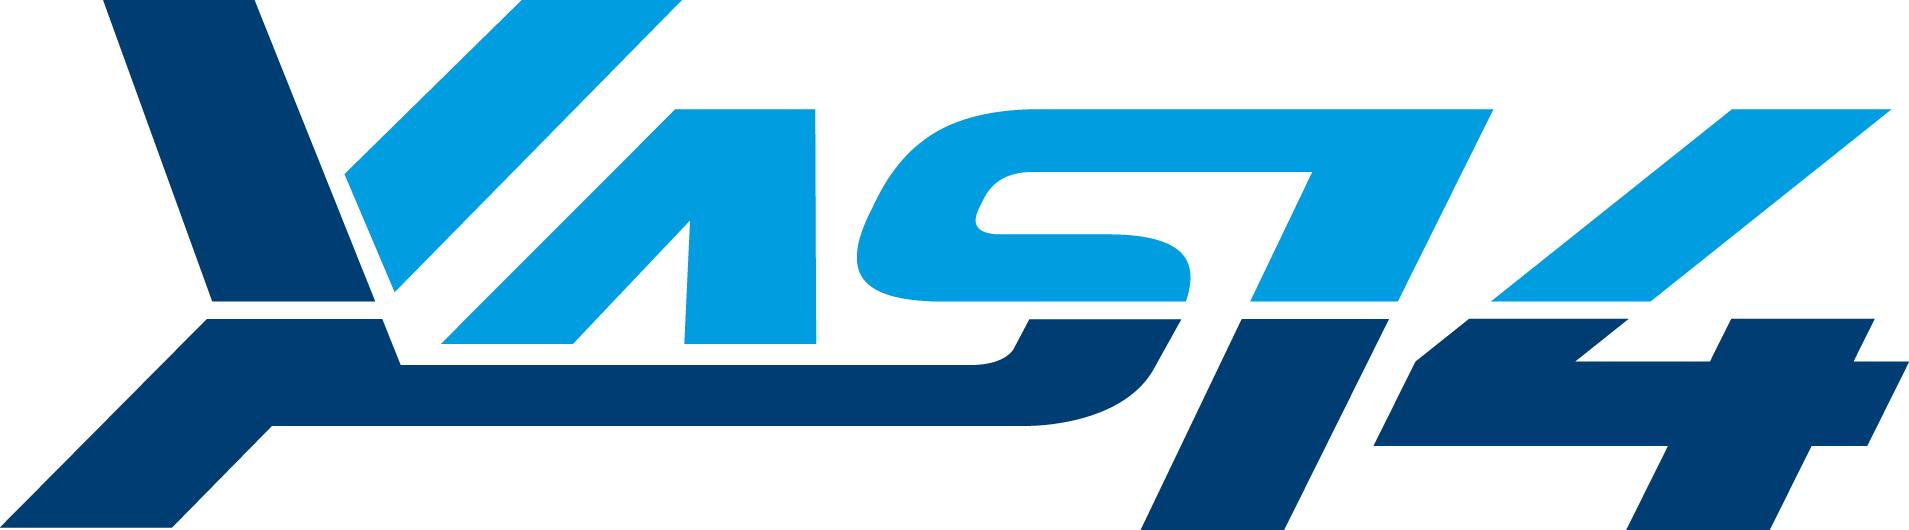 LOGO-YAS14